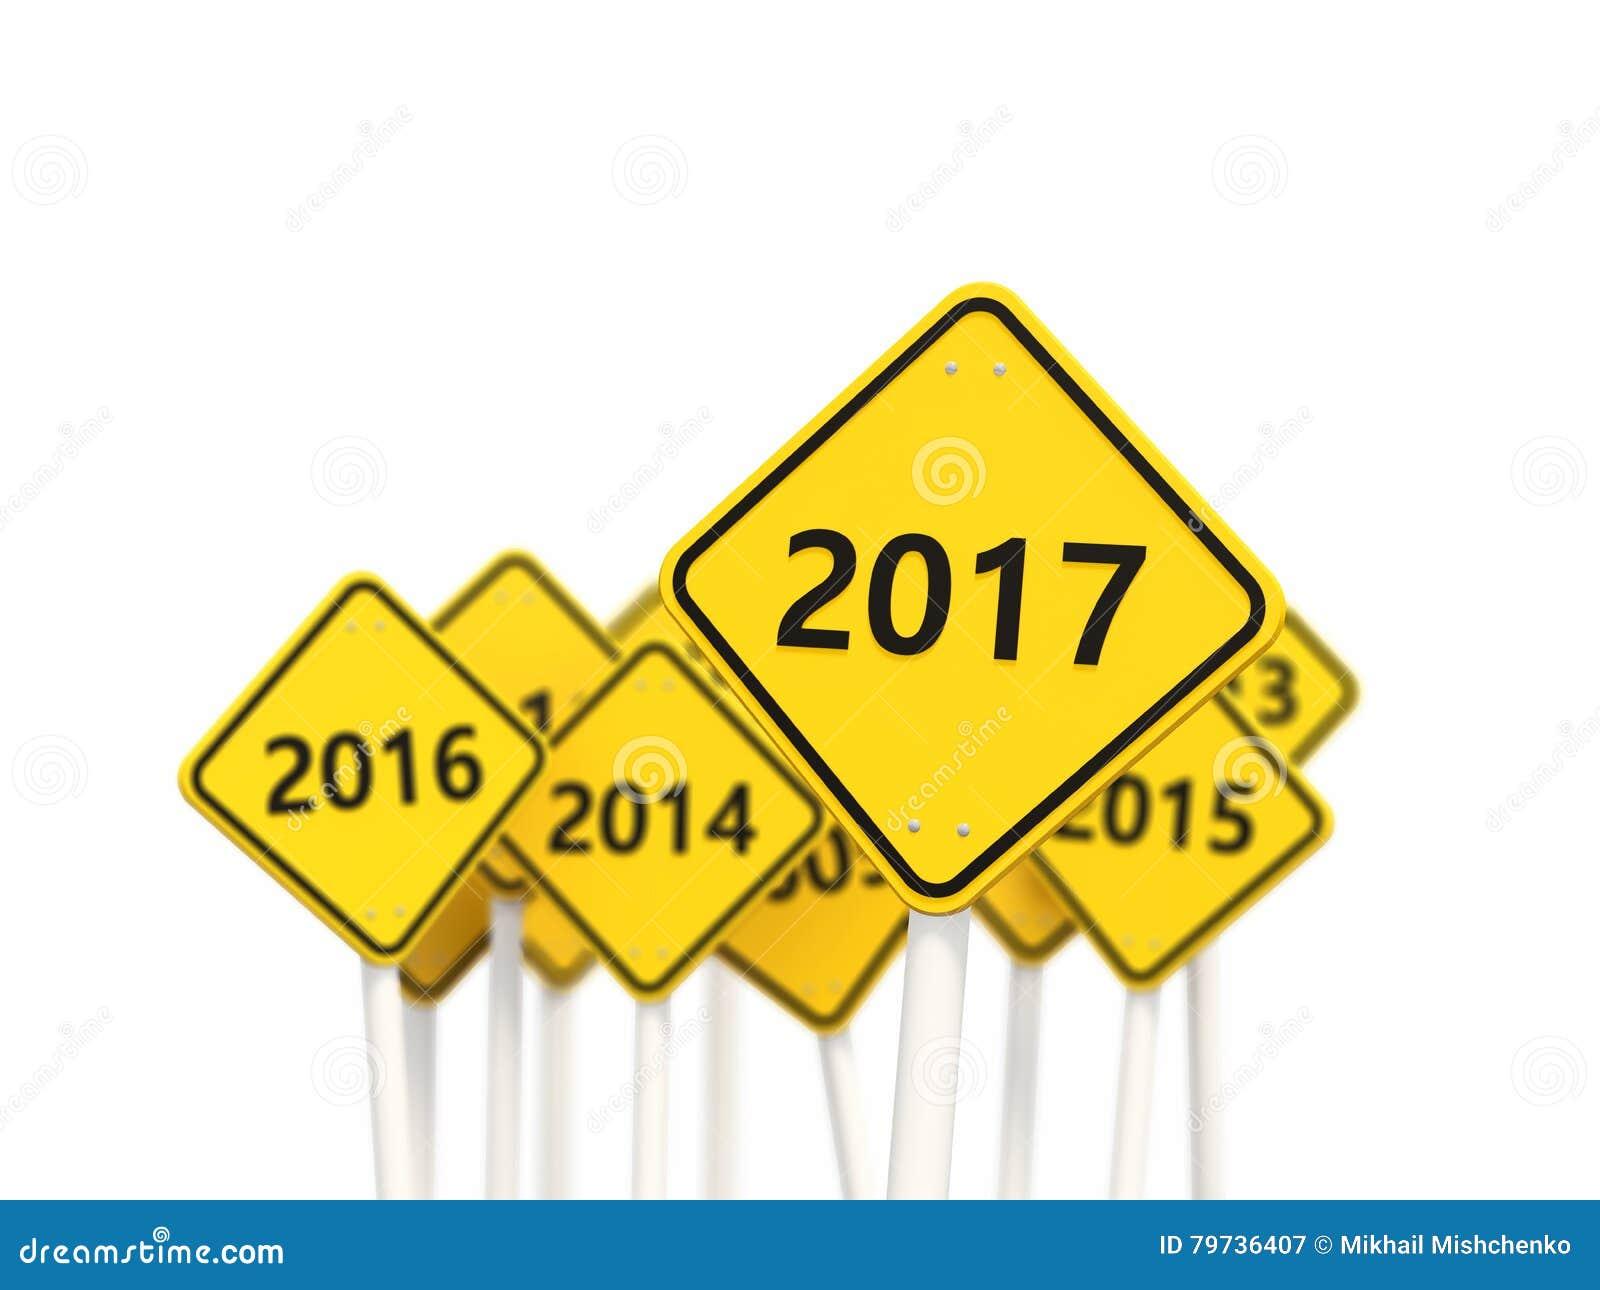 2017 Años Nuevos en señal de tráfico amarilla